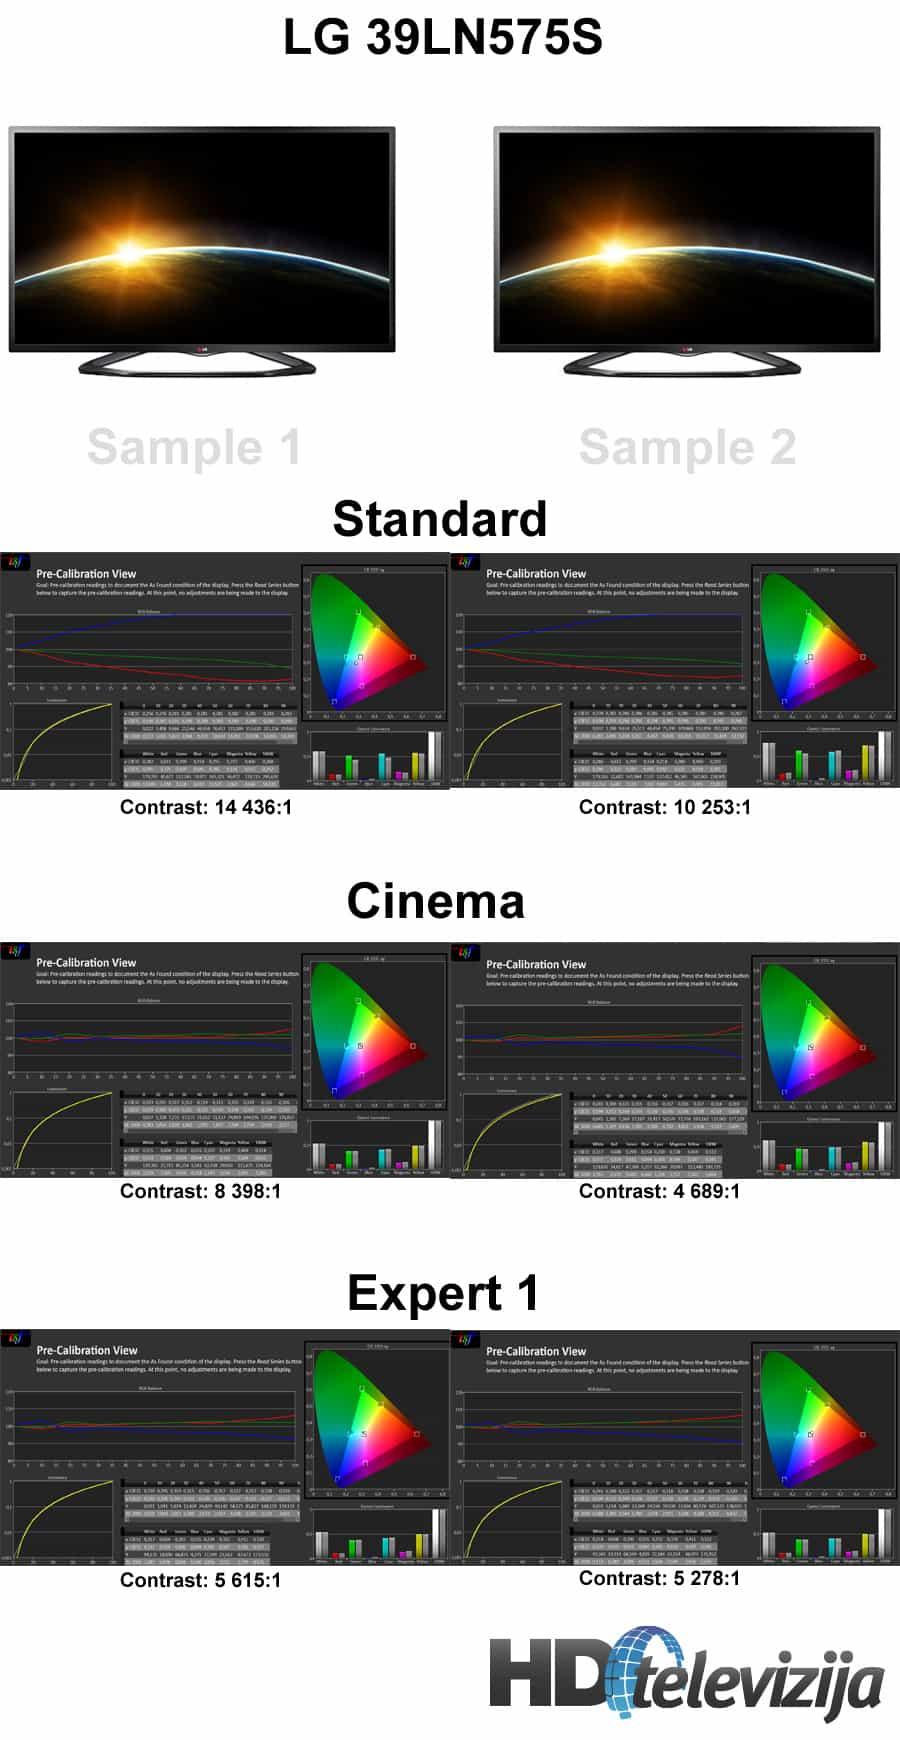 lg-ln575s-comparison-calibration